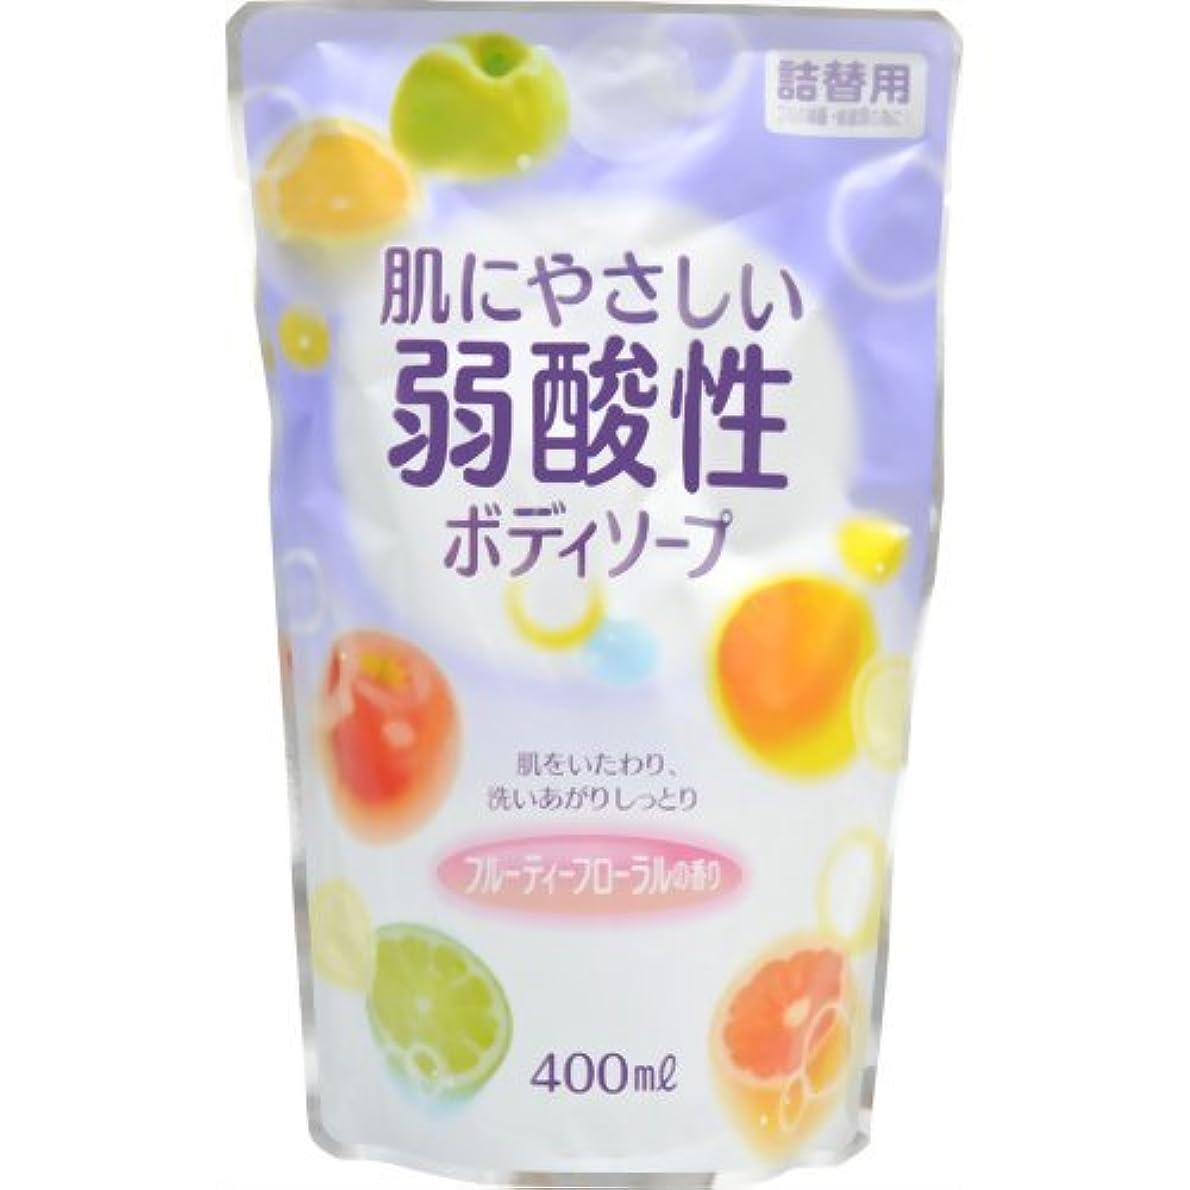 原理機関退院弱酸性ボディソープ フルーティーフローラルの香り 詰替用 400ml